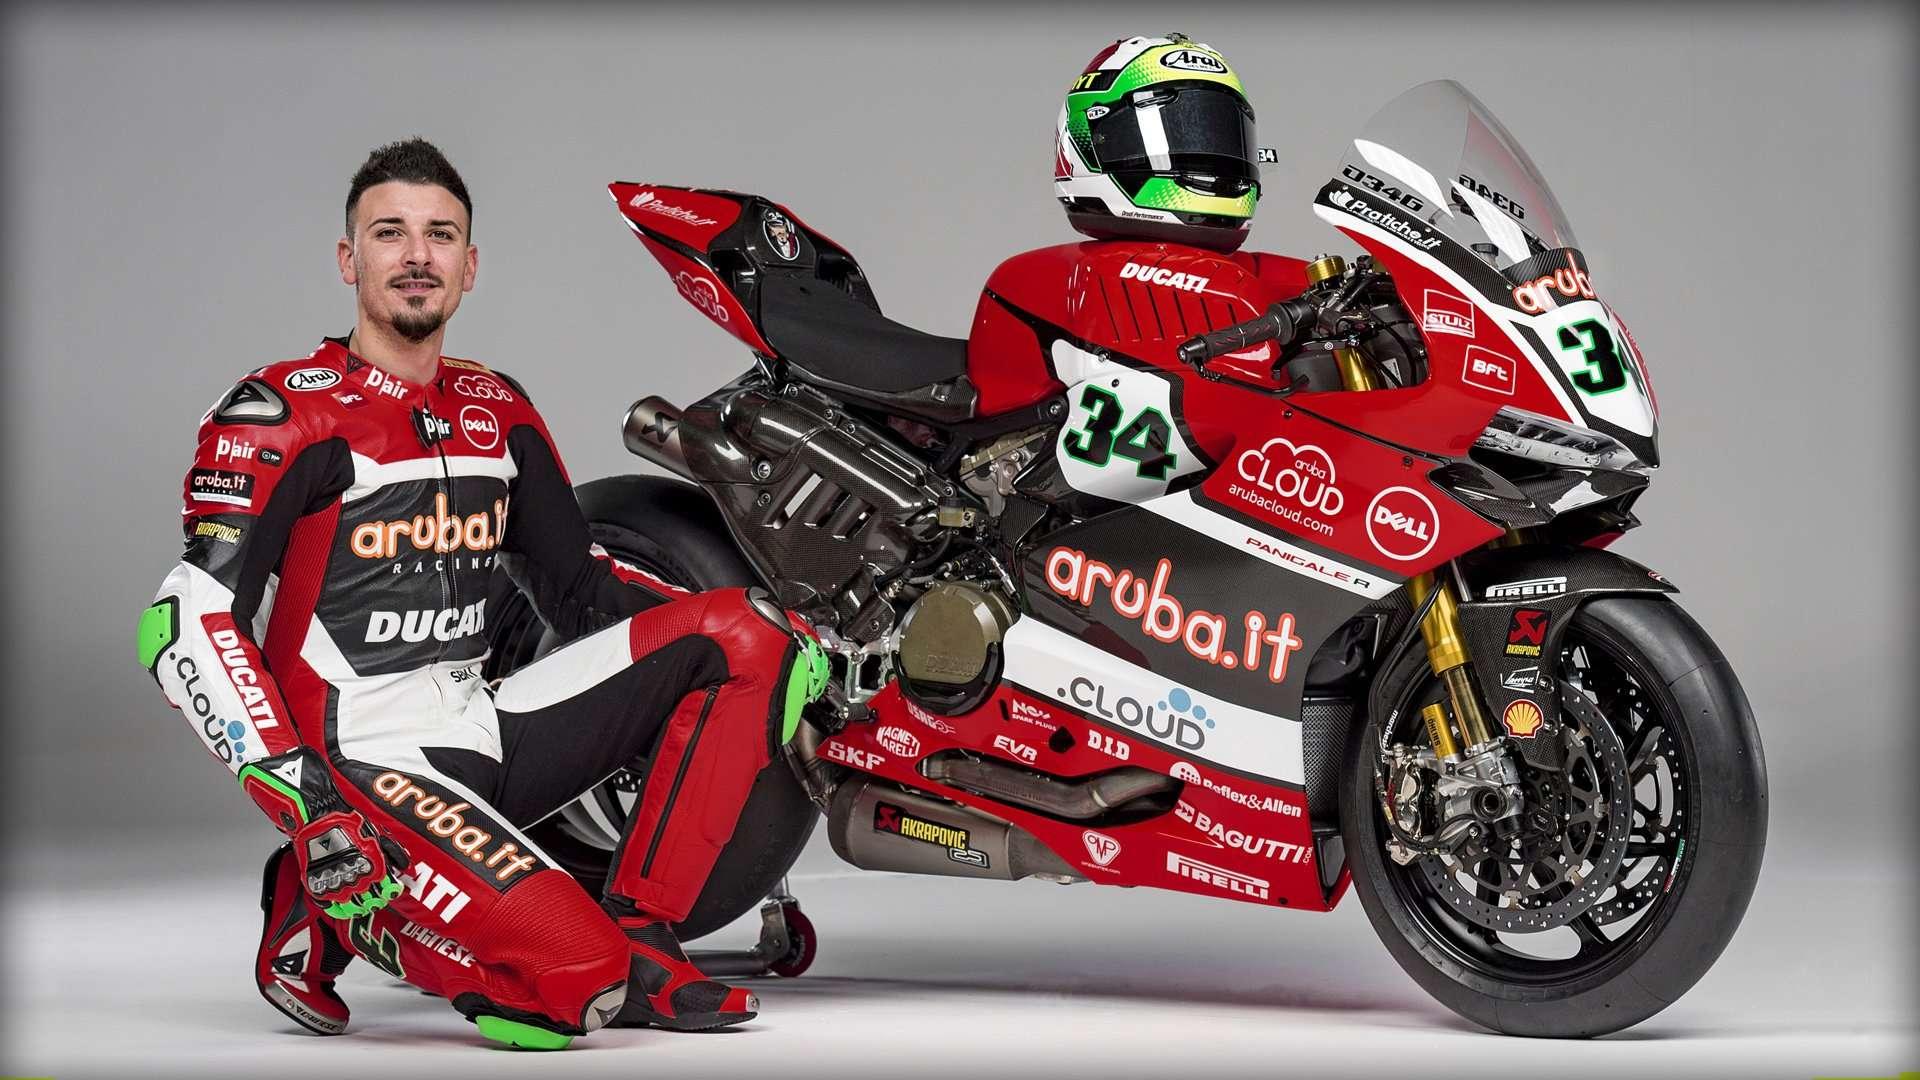 Davide Giugliano No. 34 Ducati